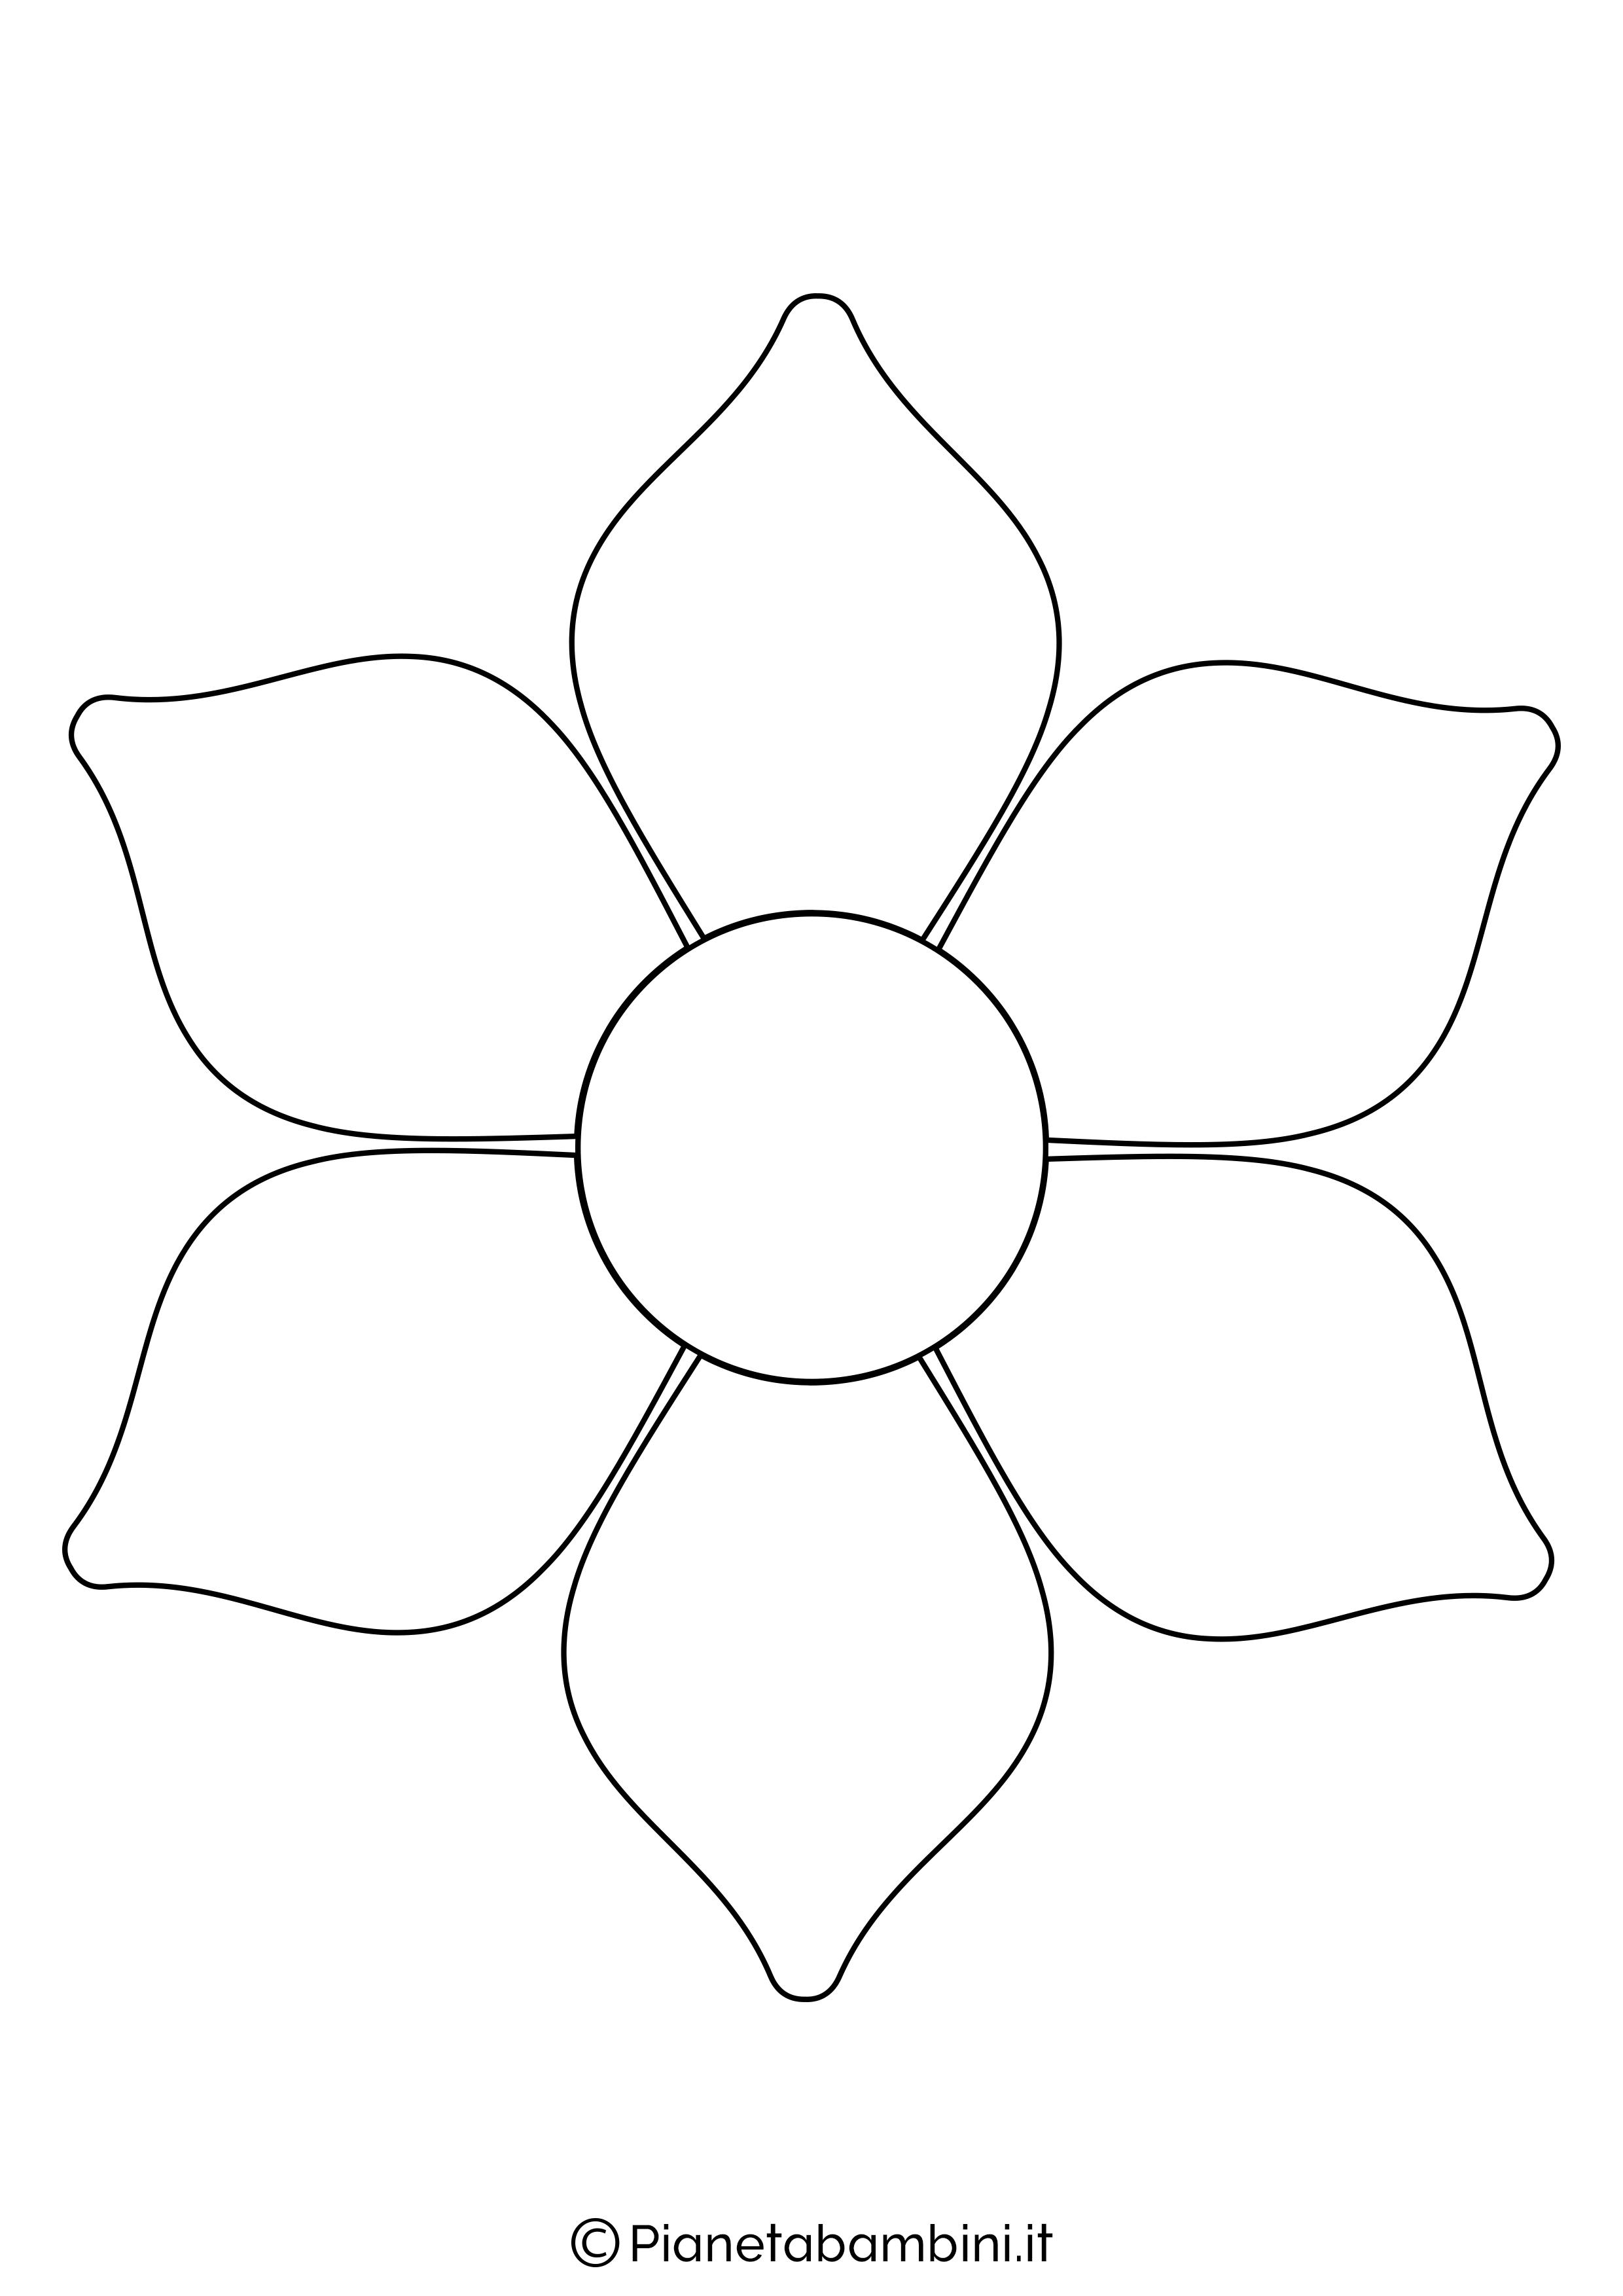 Fiore Disegni Per Bambini : fiore, disegni, bambini, Sagome, Fiori, Colorare, Ritagliare, Bambini, Modelo, Feltro,, Molde, Petalas,, Artesanato, Reciclado, Crianças